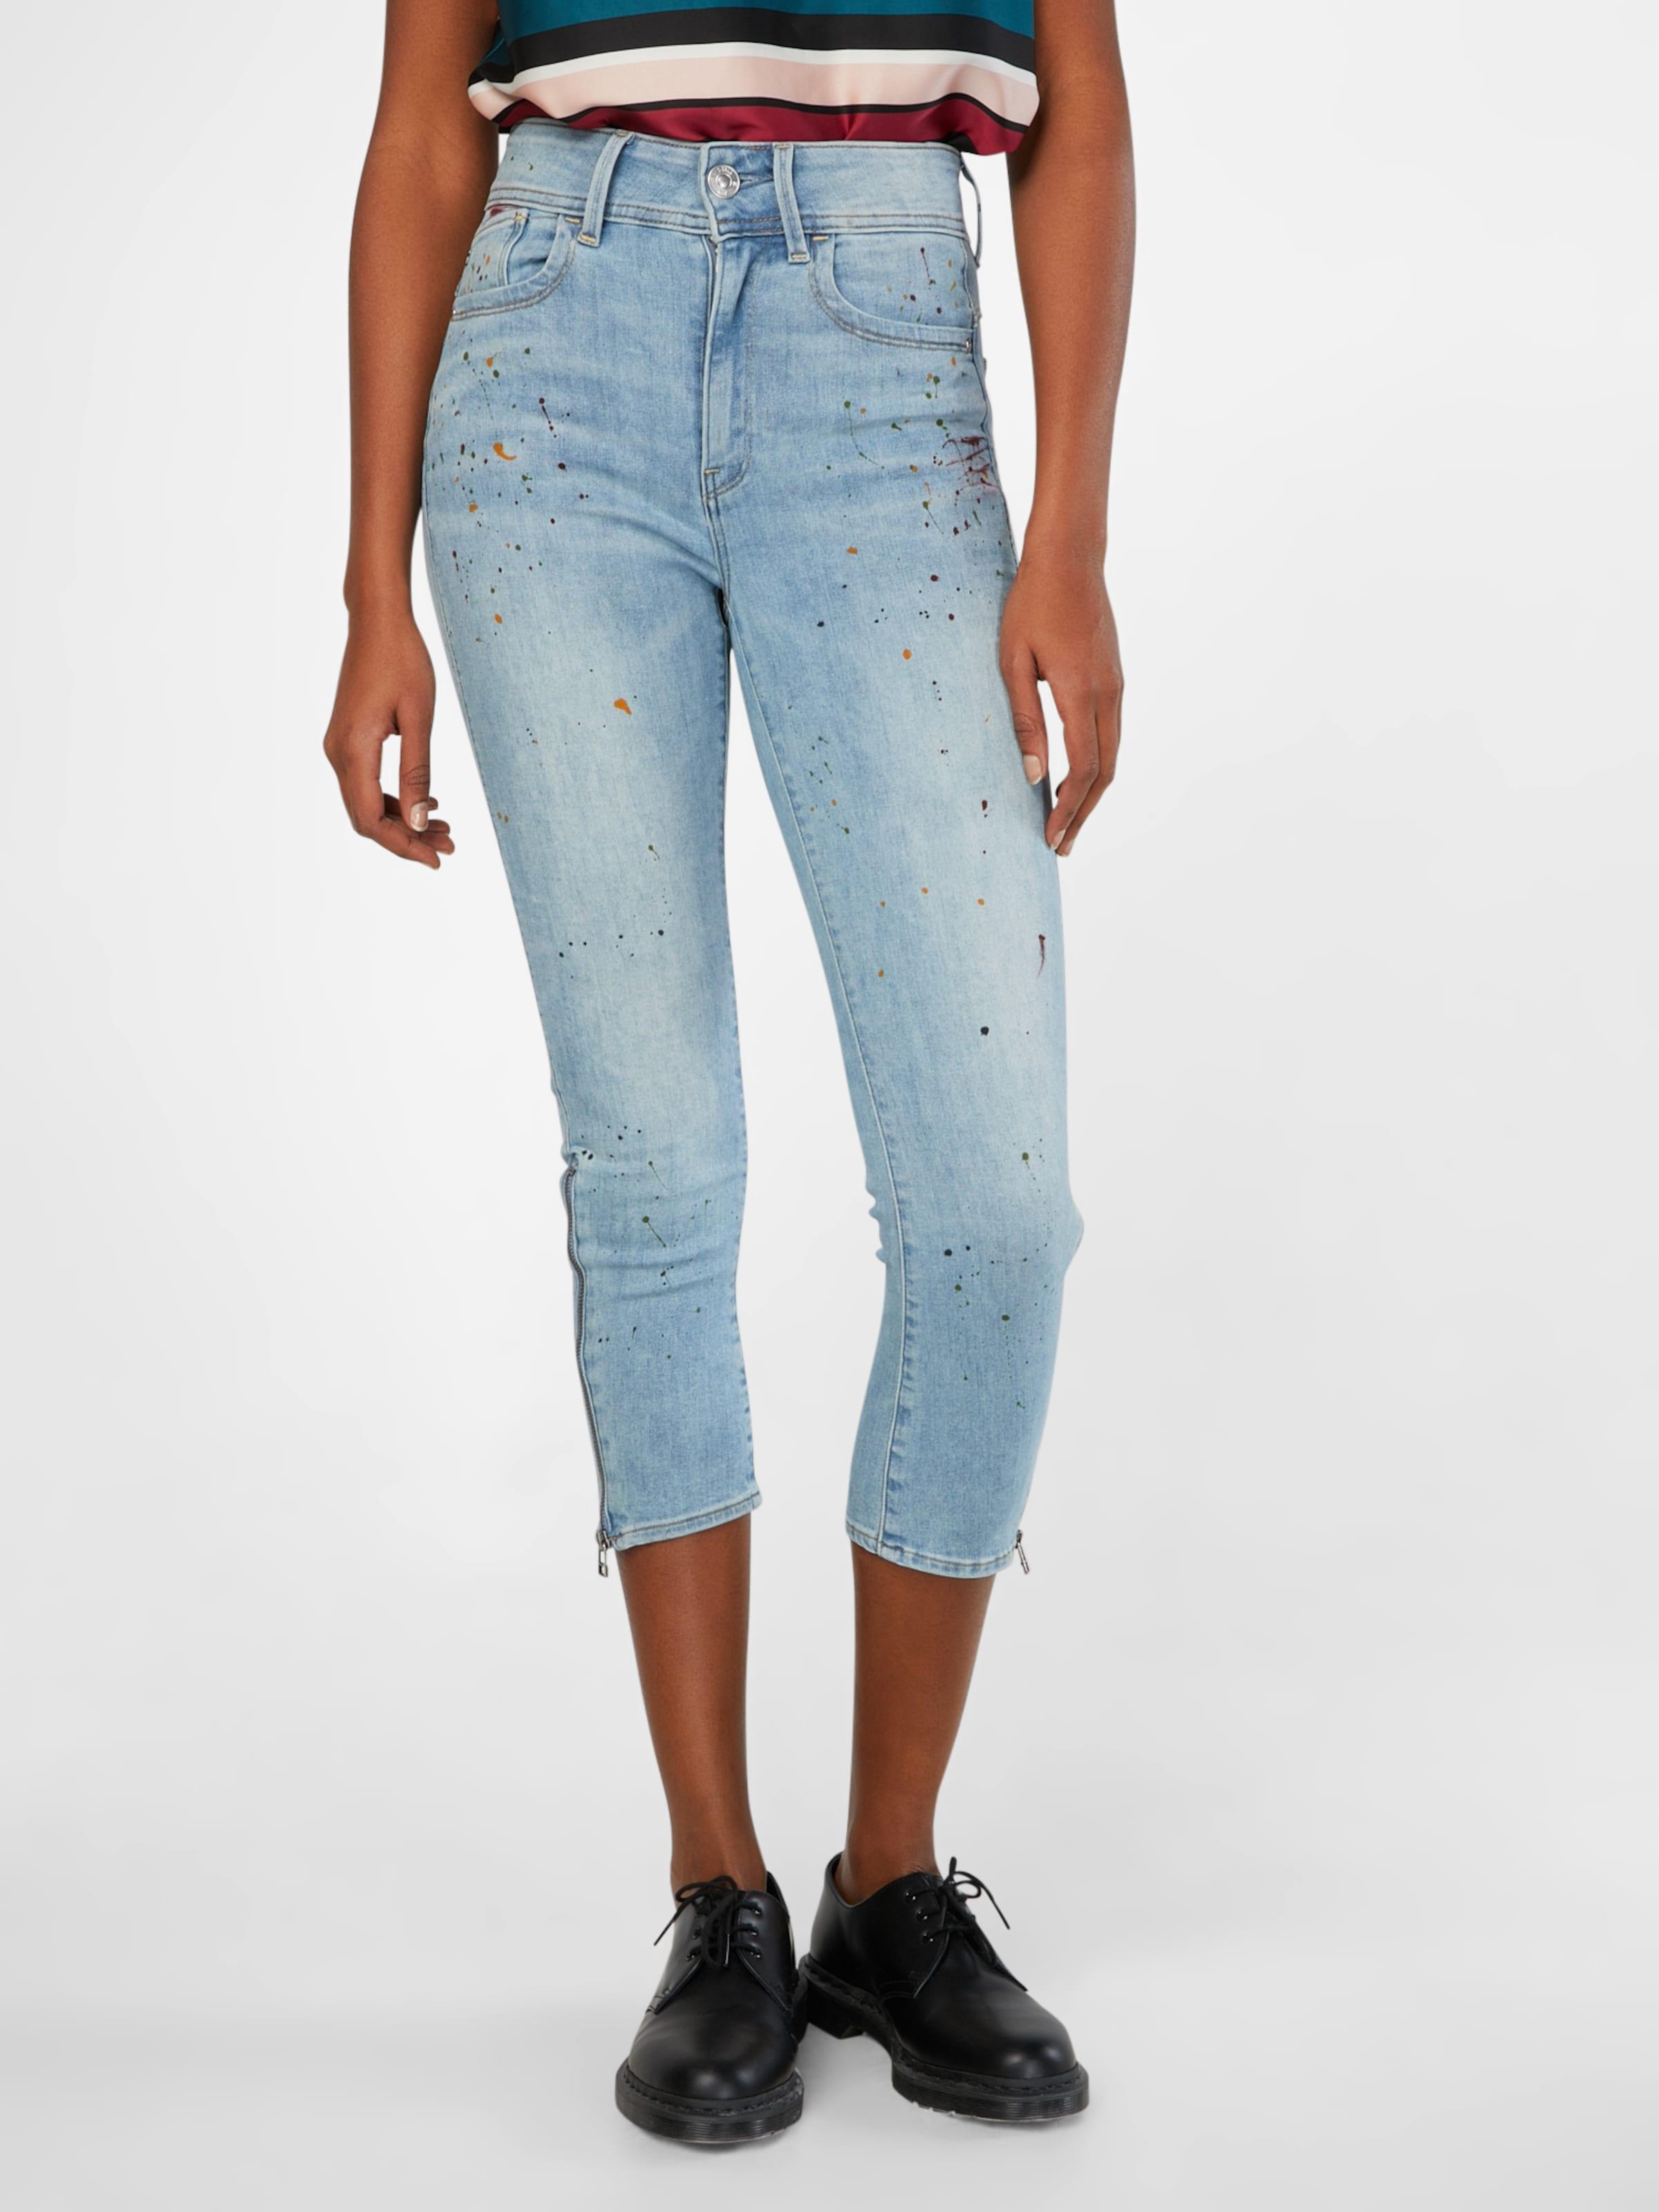 G-STAR RAW Jeans Authentisch Vjmyh5FHsA